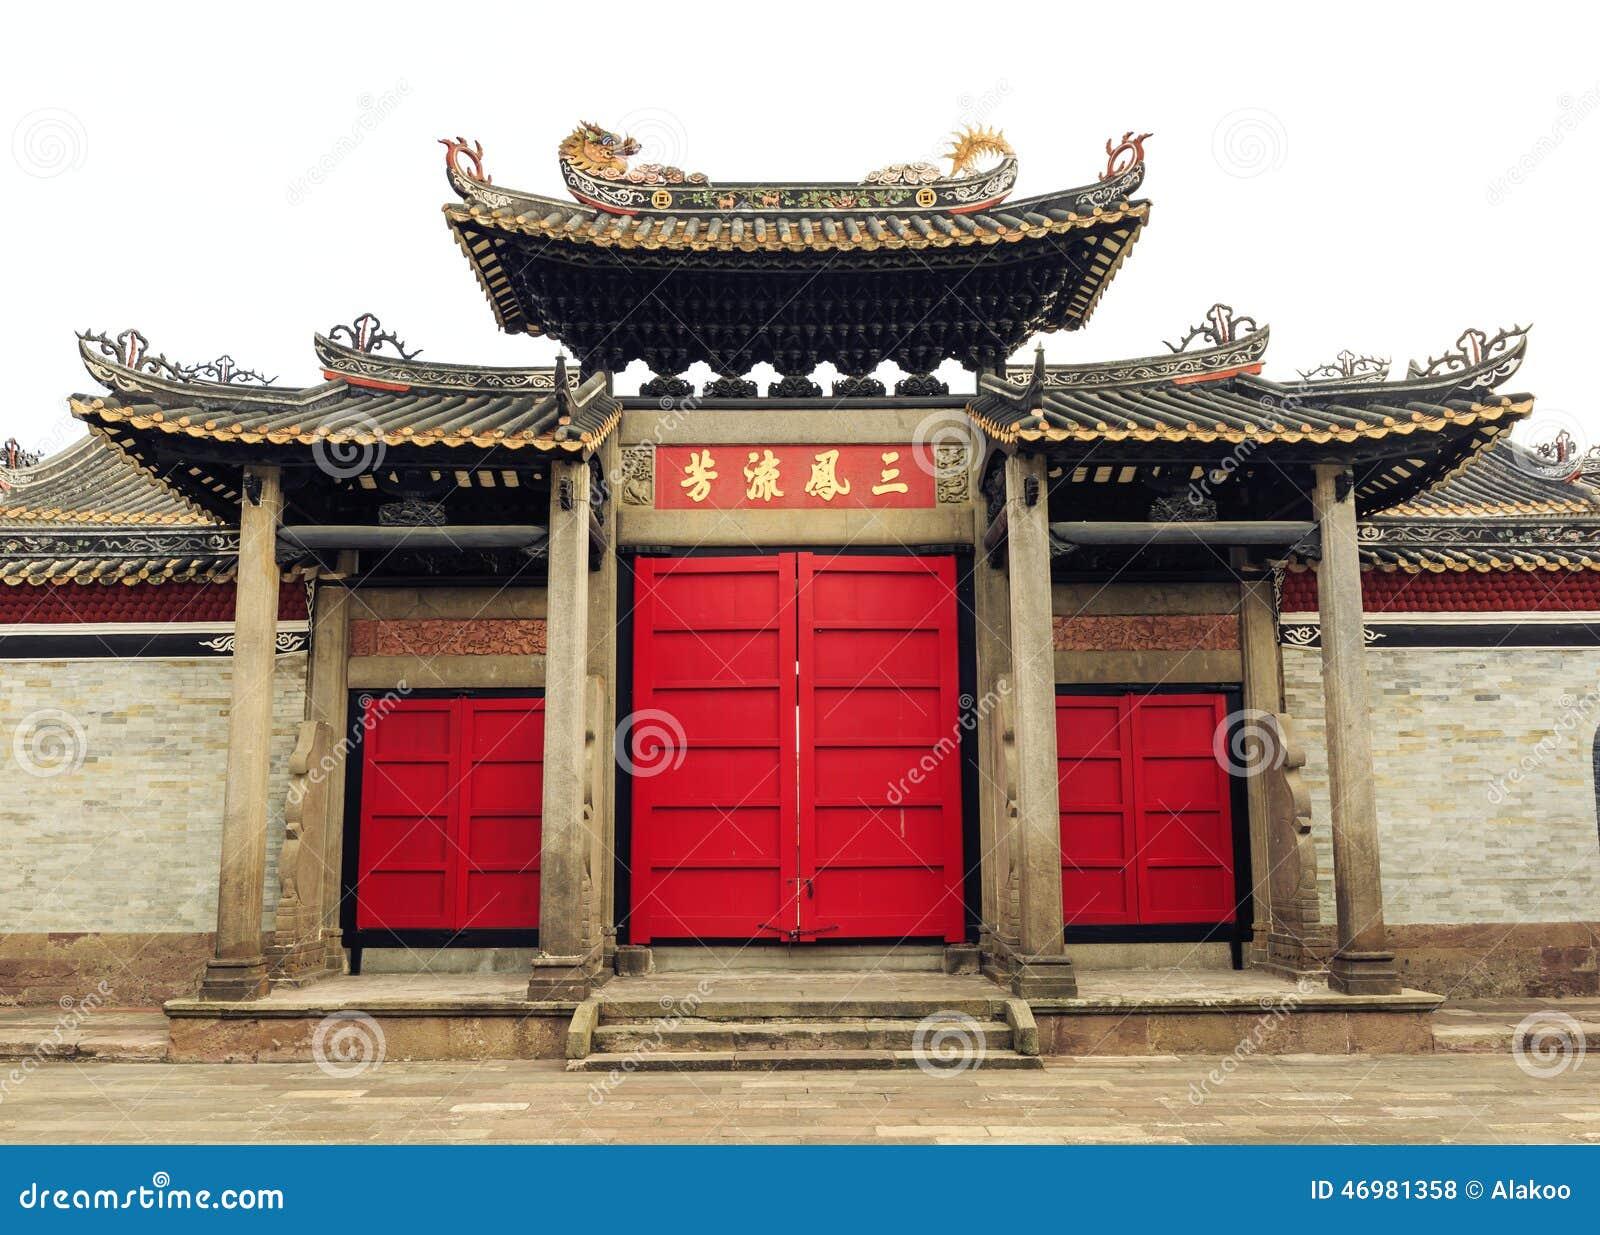 Popiera drzwi Azja Chiński tradycyjny budynek z projektem i wzorem orientalny klasyczny styl w Chiny